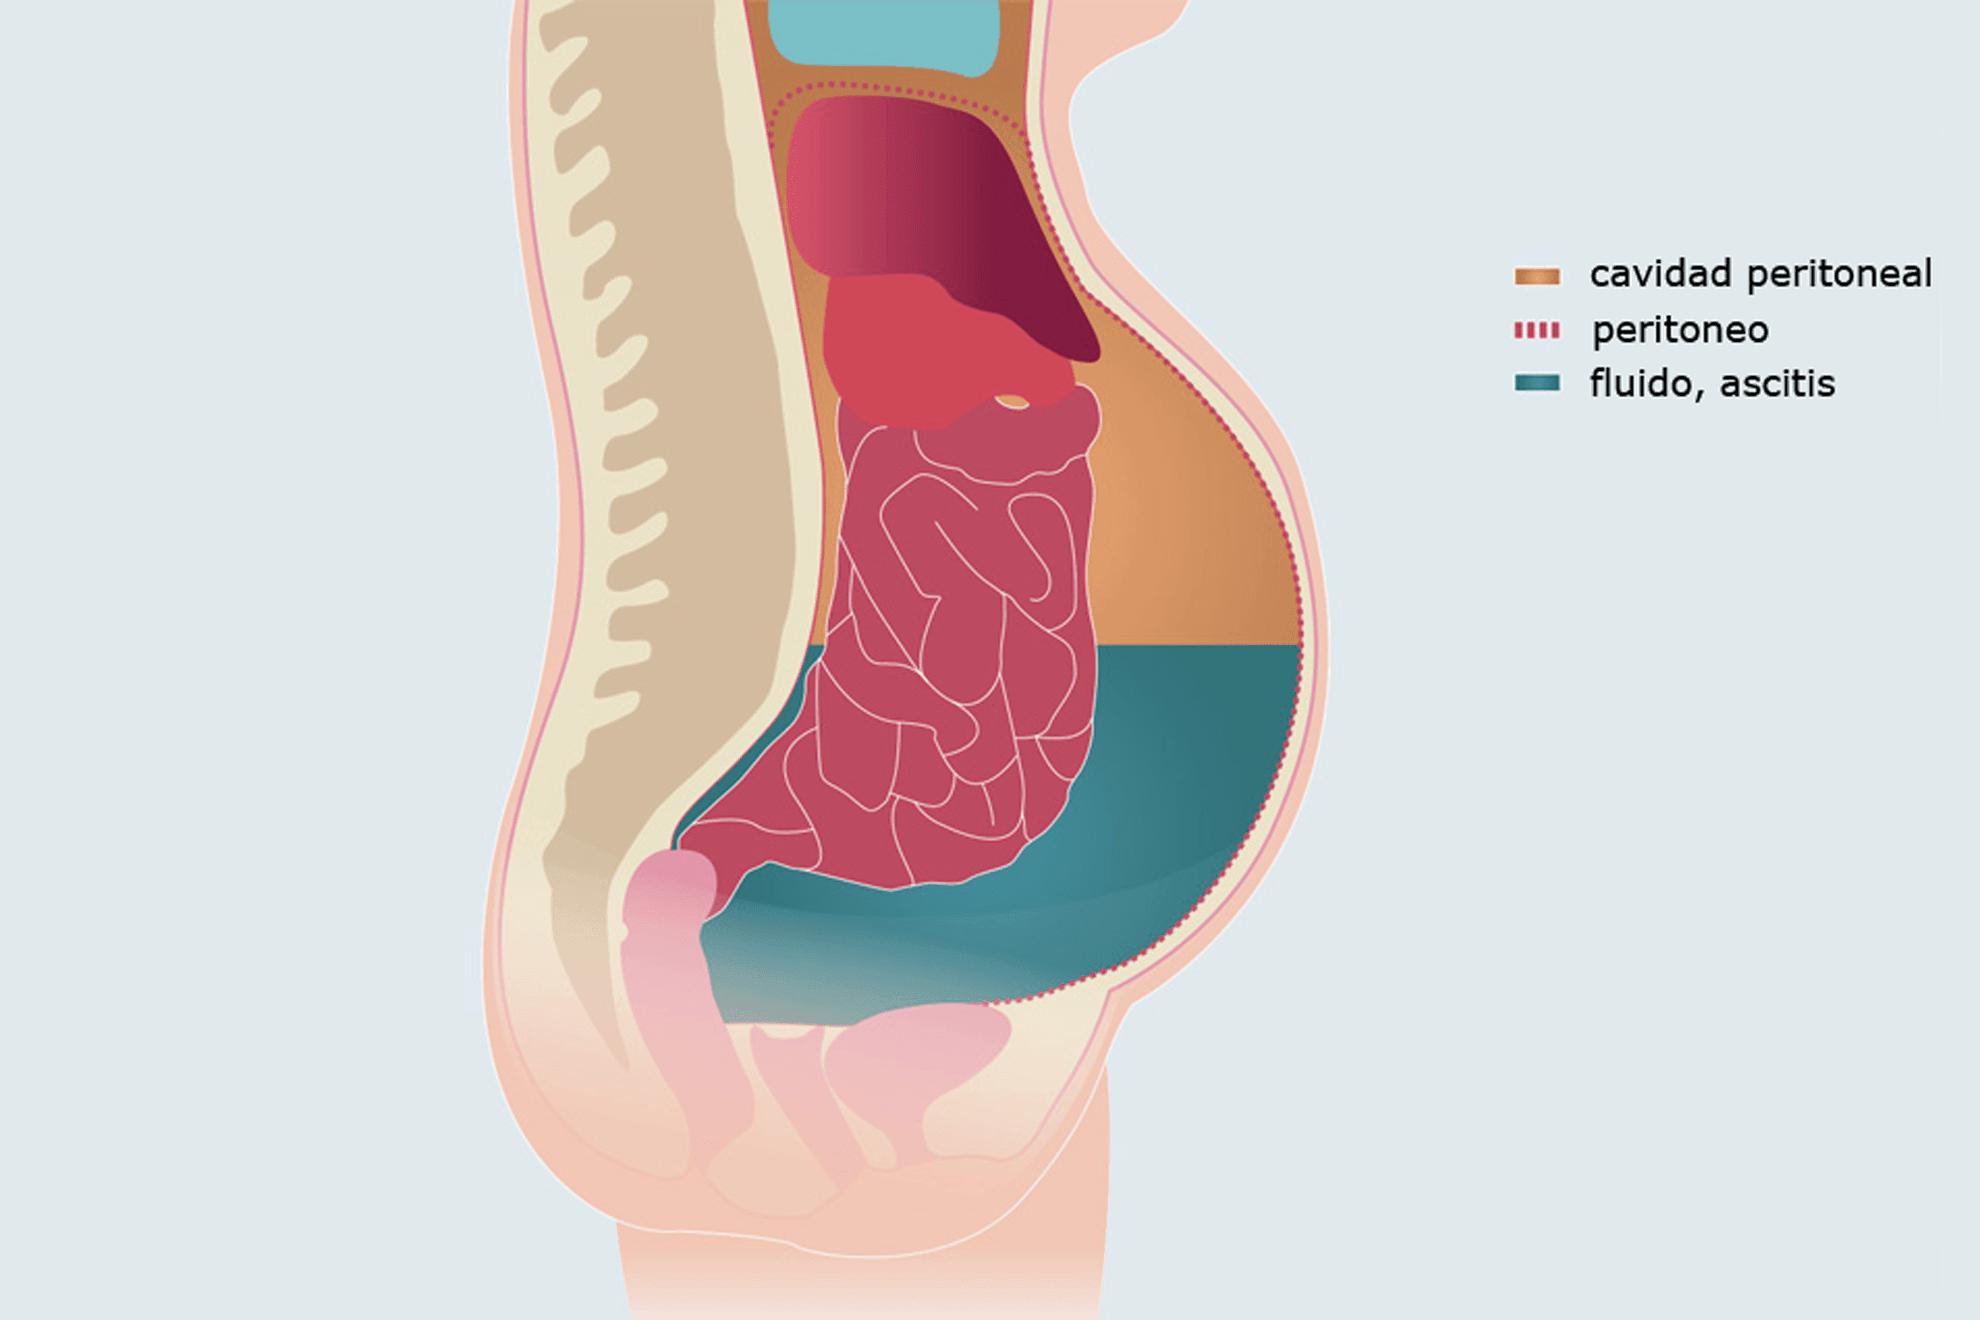 Qué es la ascitis? – Curiosoando